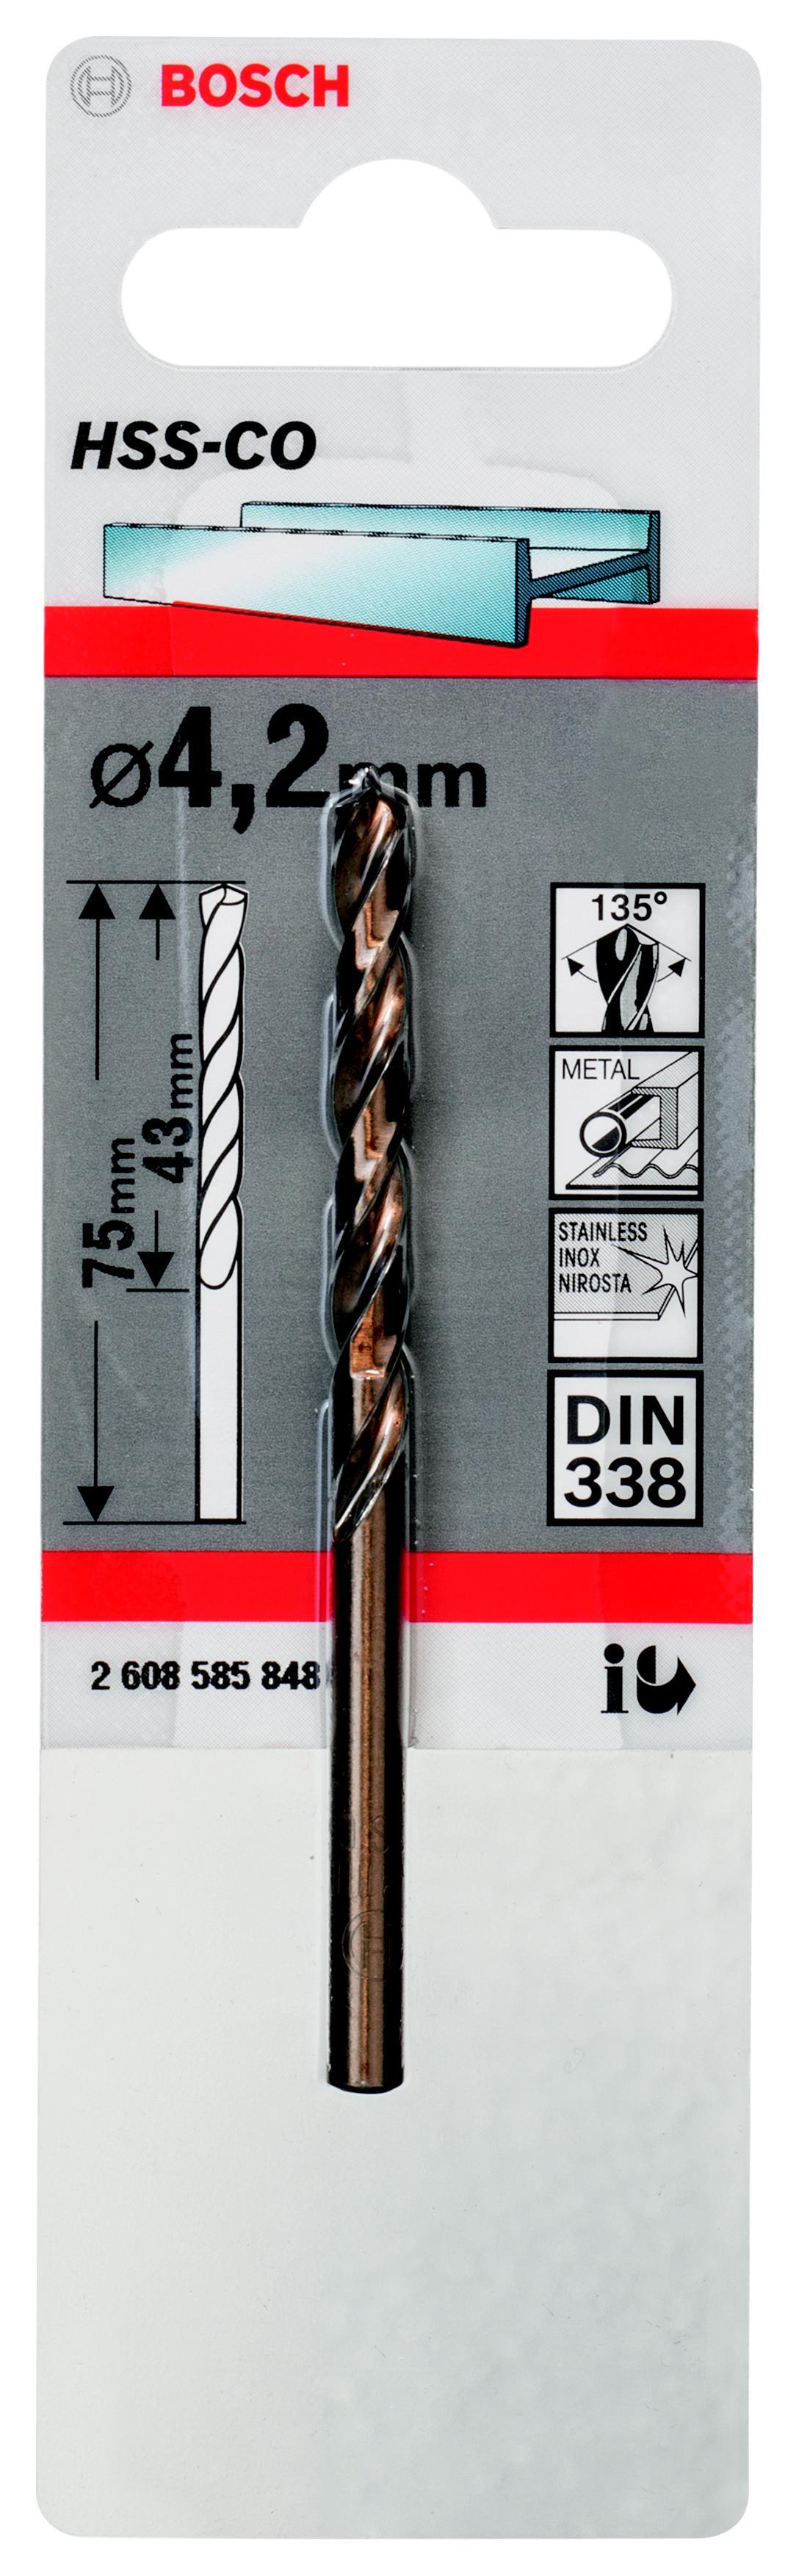 Сверло Bosch 1 hss-co (2.608.585.848) аксессуары veld co набор переводных татуировок черепа